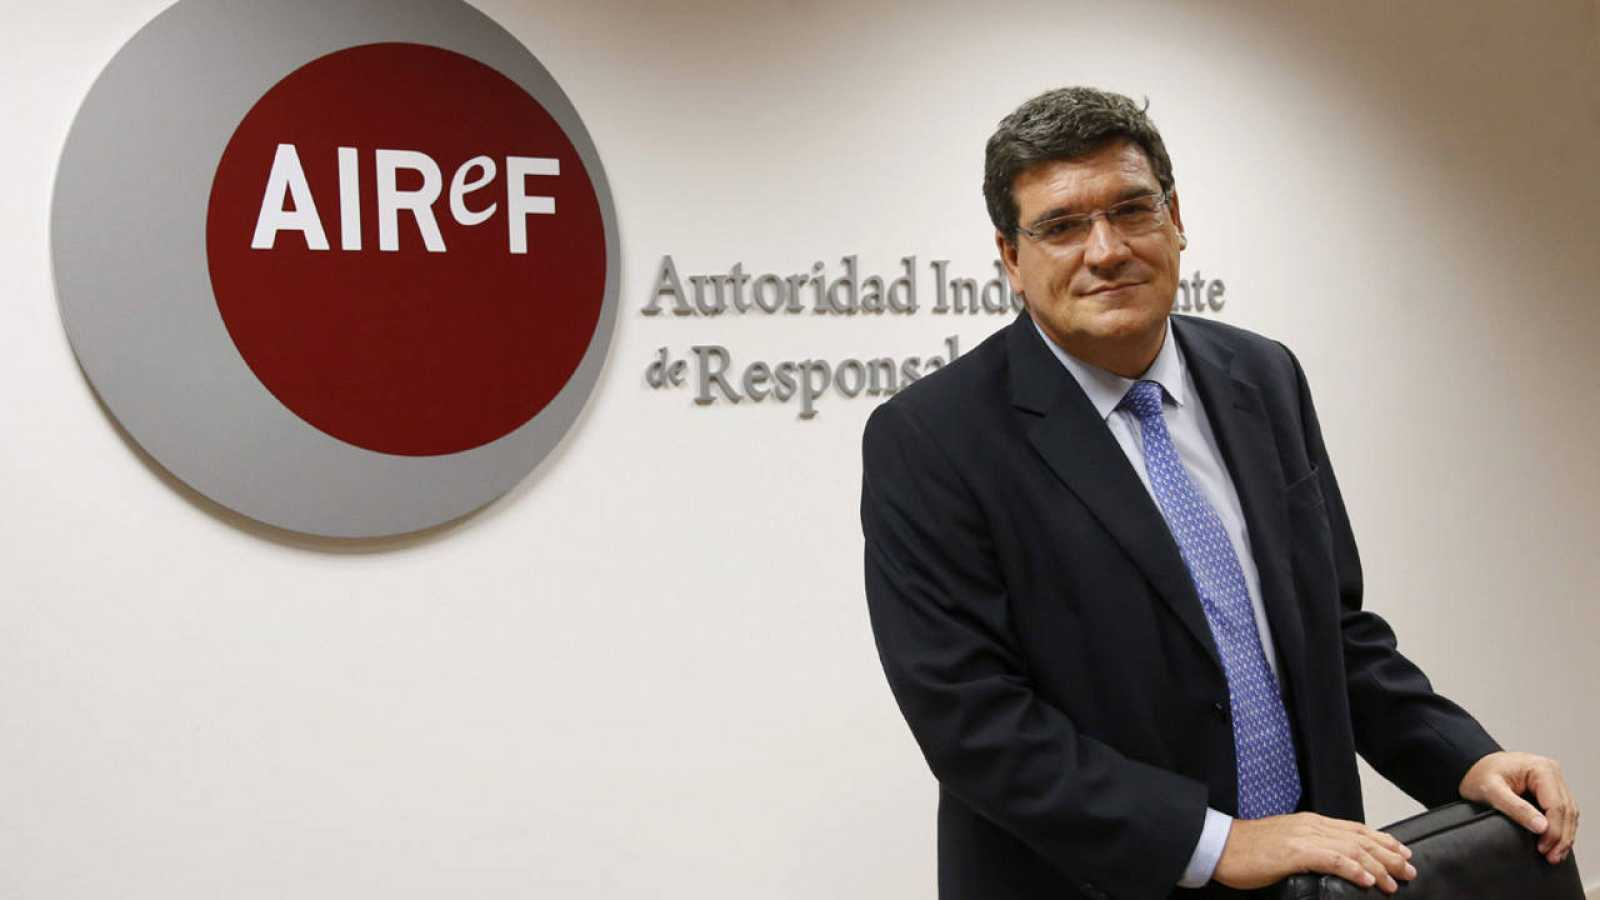 El presidente de la AIReF, José Luis Escrivá